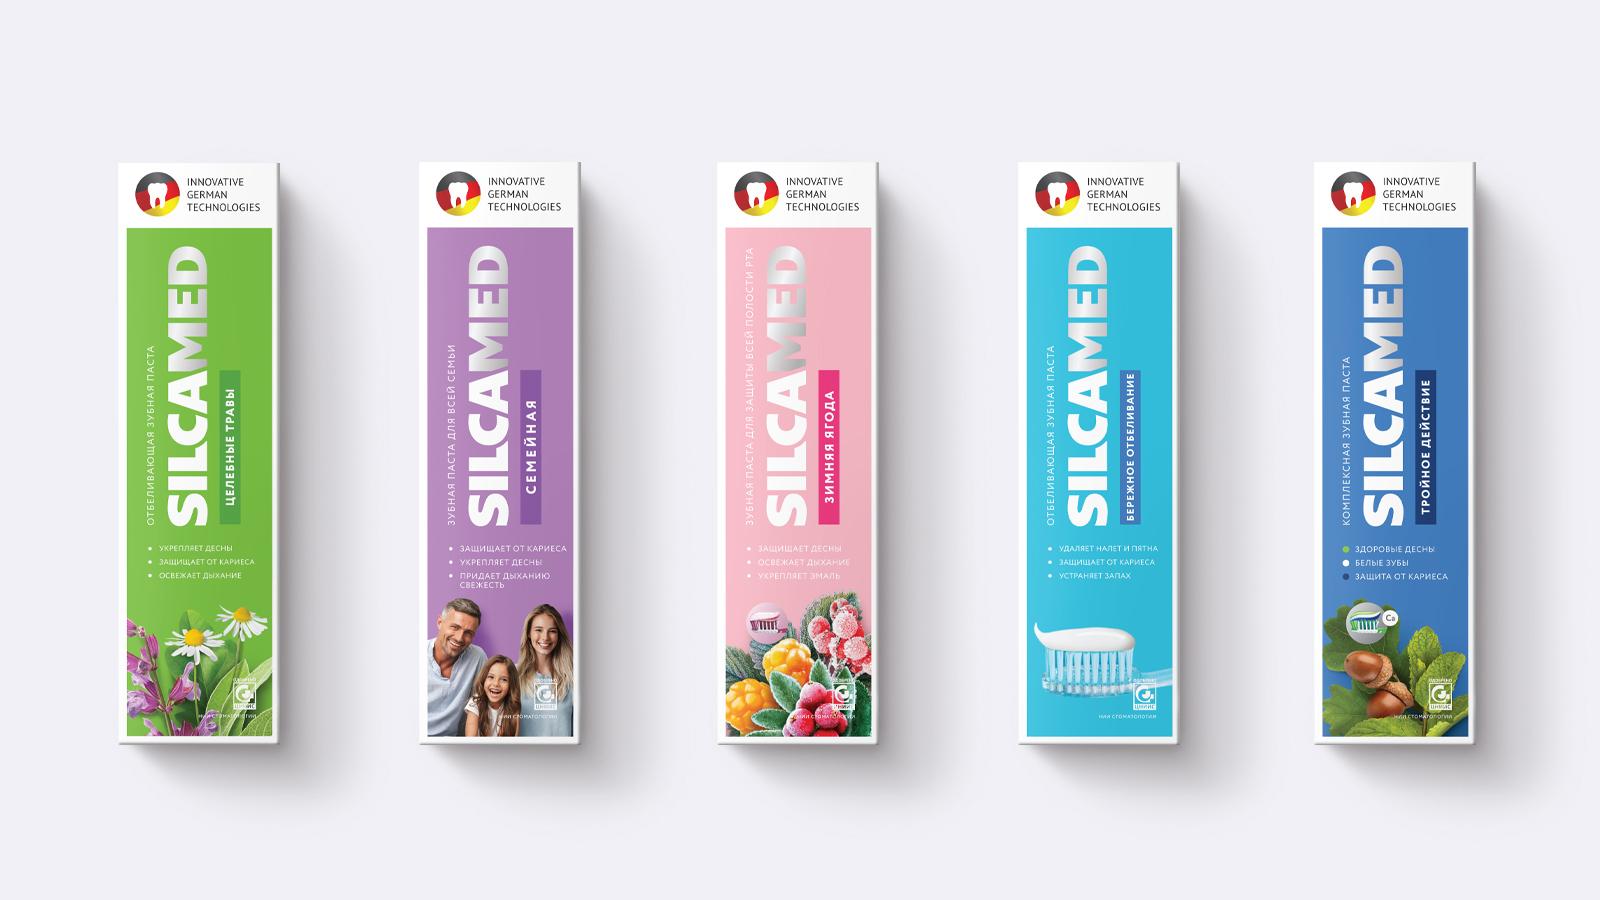 Новая стратегия визуальной идентификации бренда и серия новых дизайнов упаковки позволяют эффективно дифференцировать продуктовые линейки